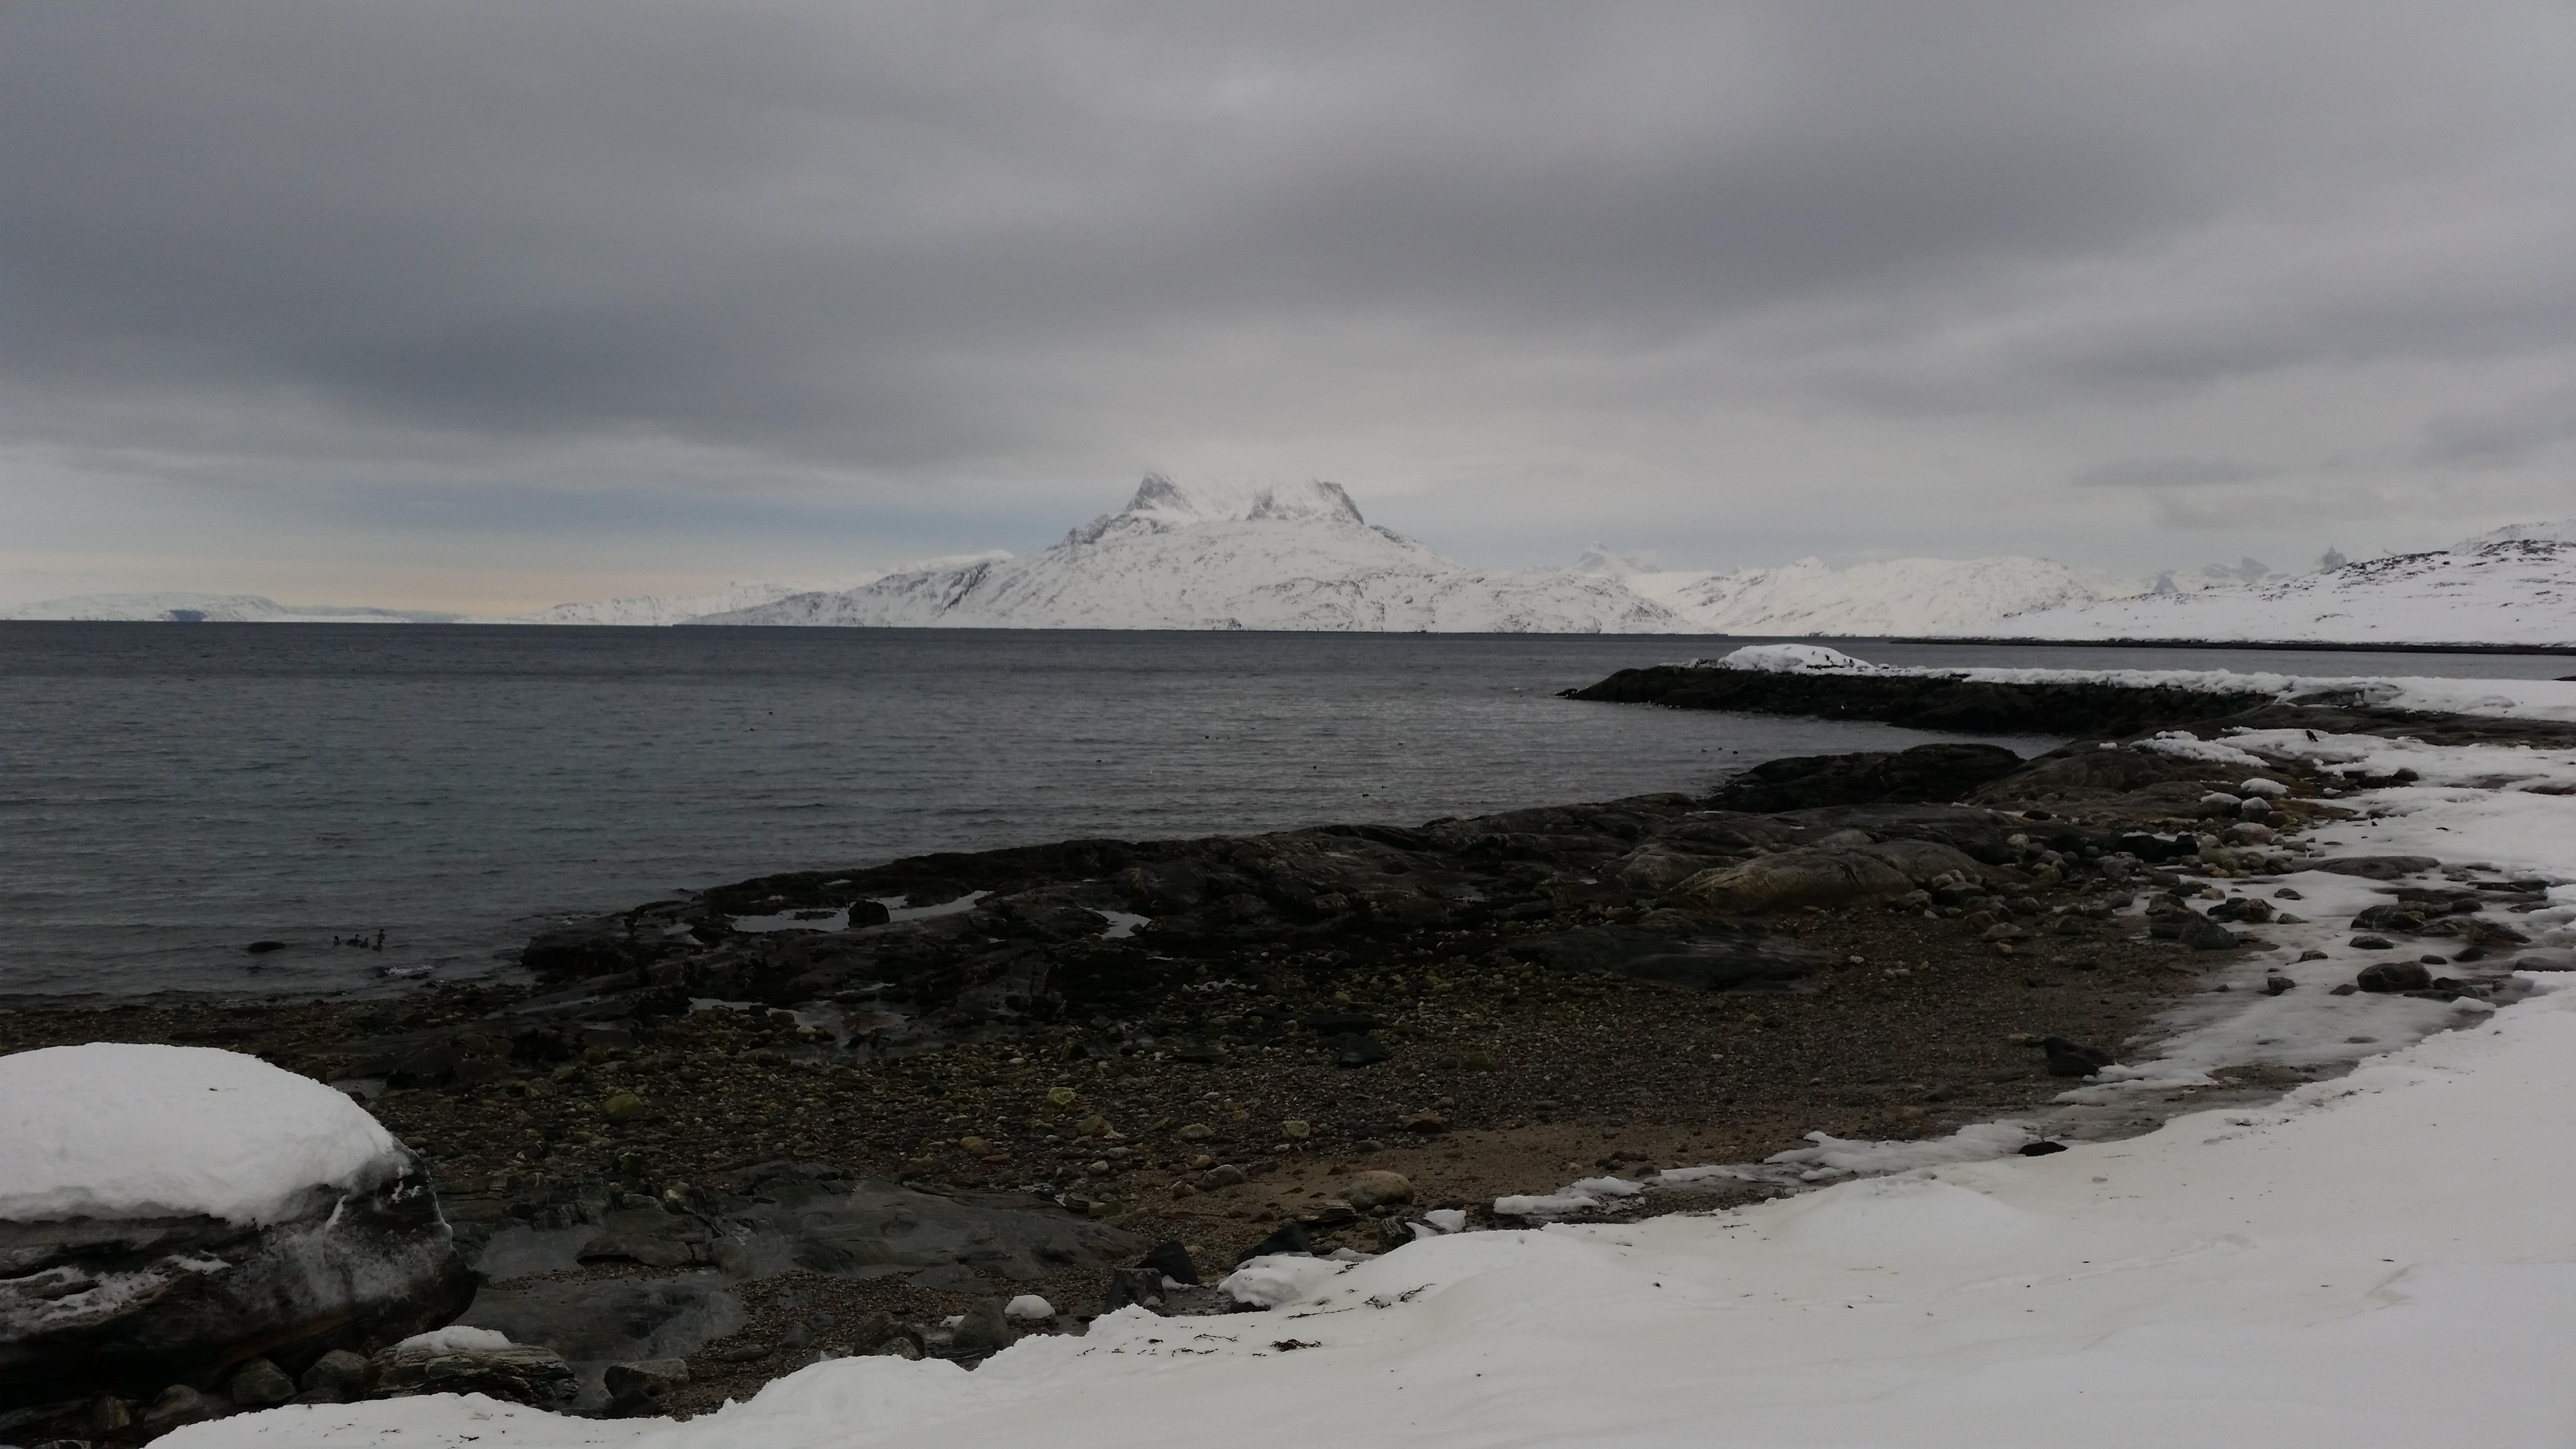 2017-01-27-1403_-_Sermitsiaq